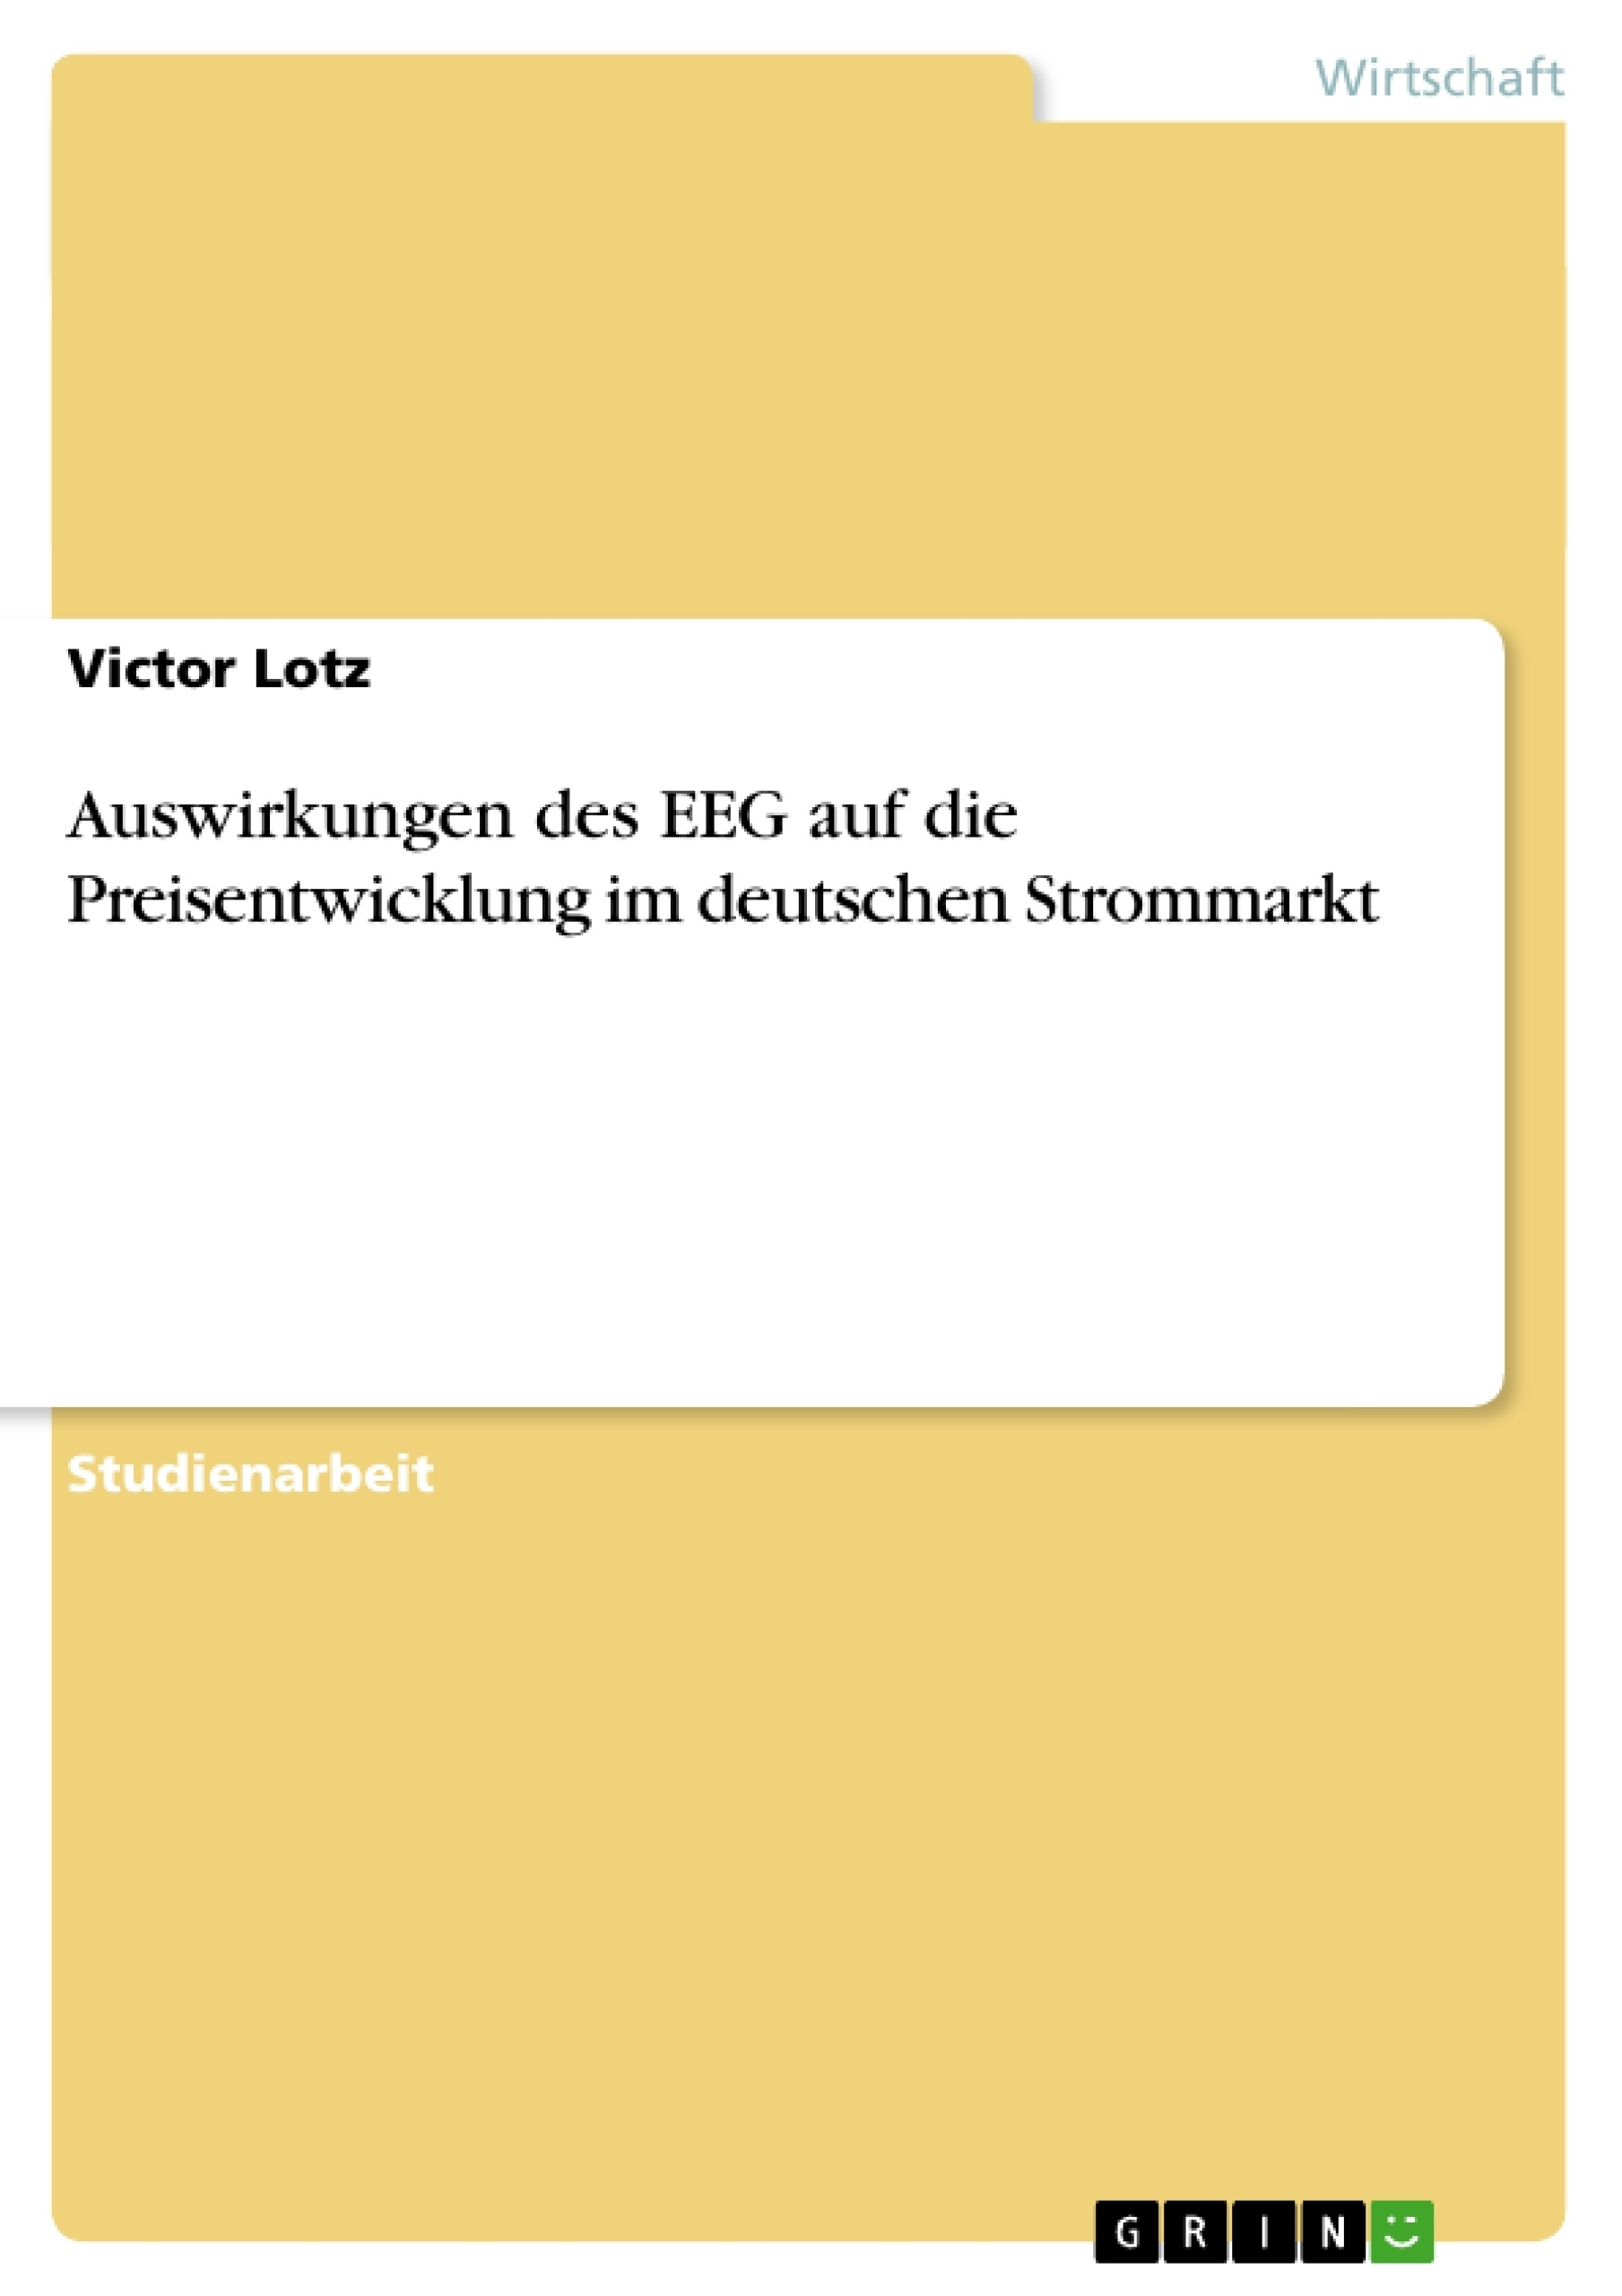 Titel: Auswirkungen des EEG auf die Preisentwicklung im deutschen Strommarkt